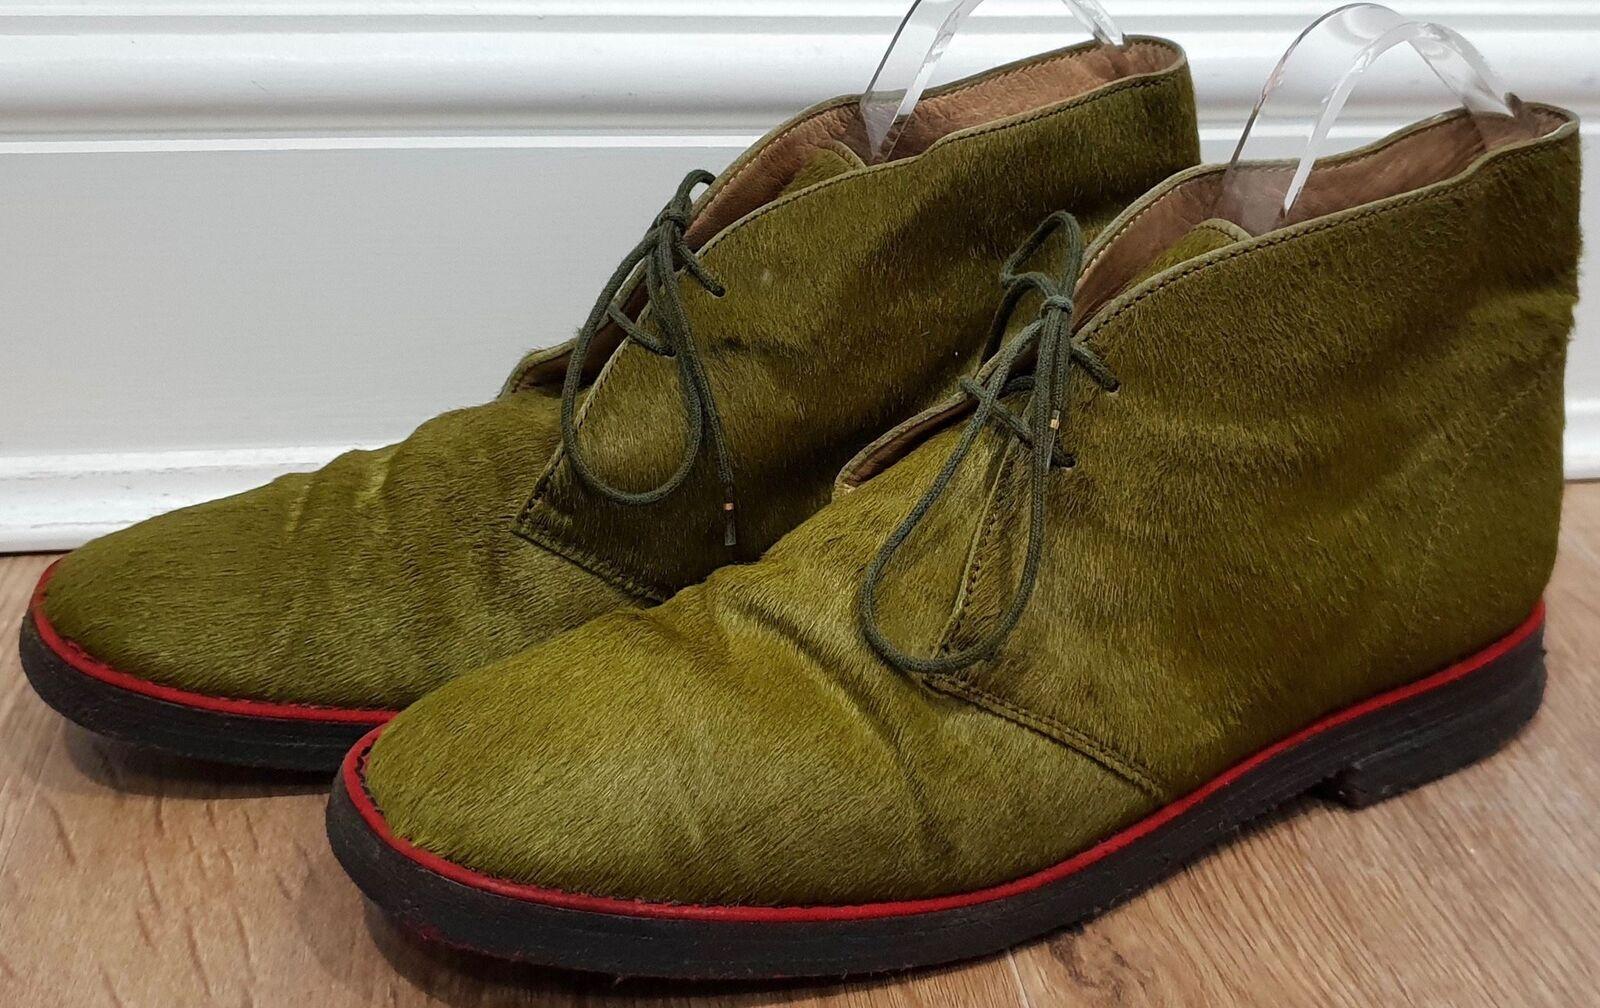 Christian Louboutin Pelo Pony verde Rojo Recortar Suela De Goma botas al Tobillo 39 UK6